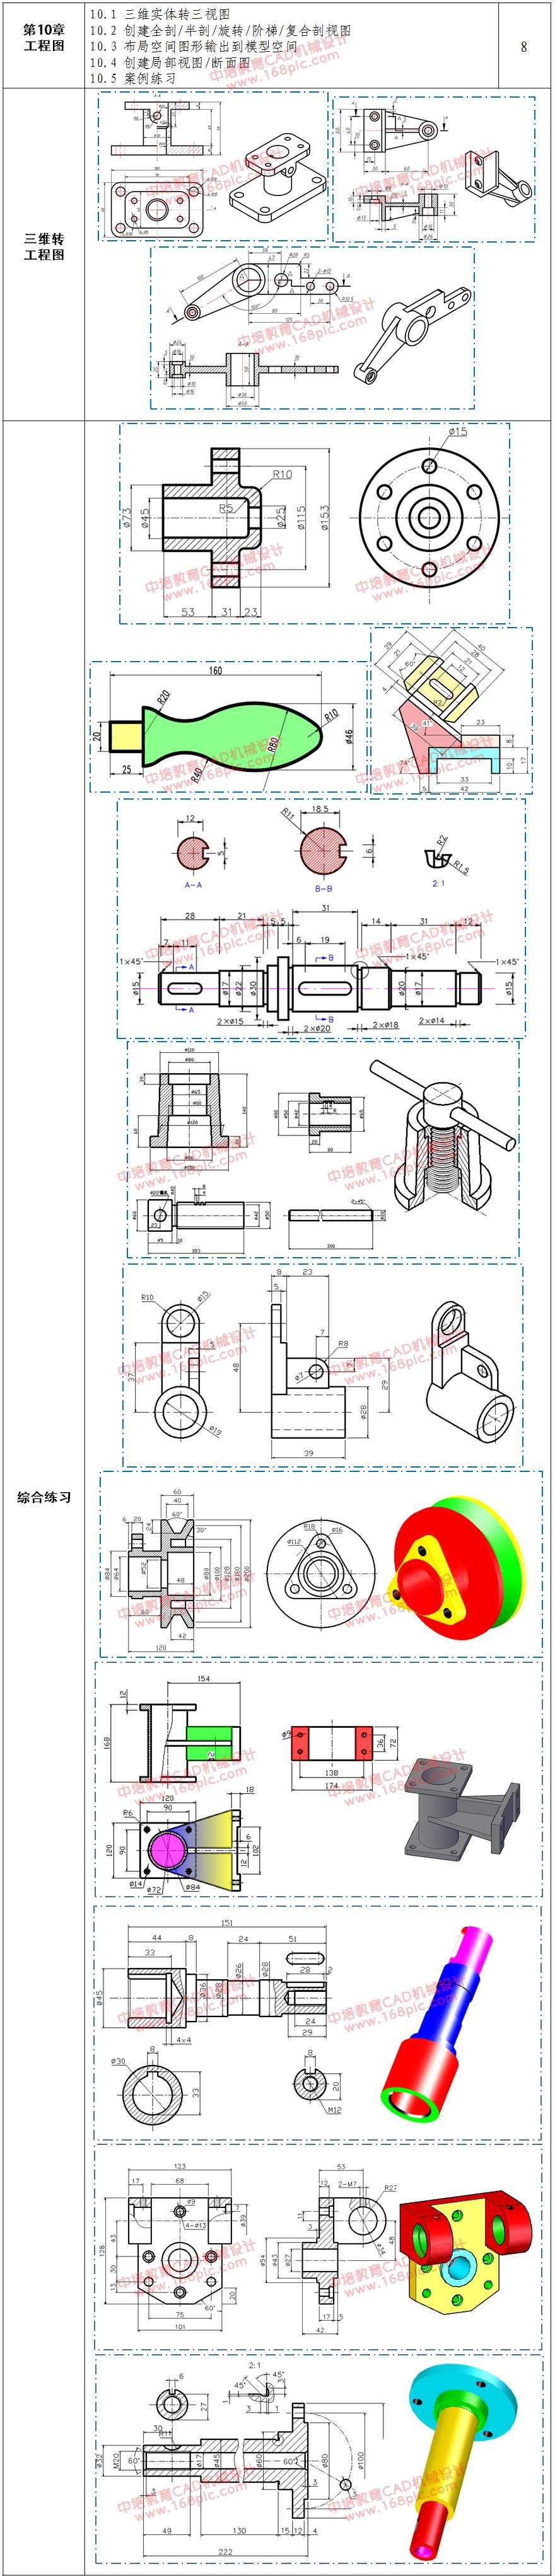 长安CAD培训机械设计目录